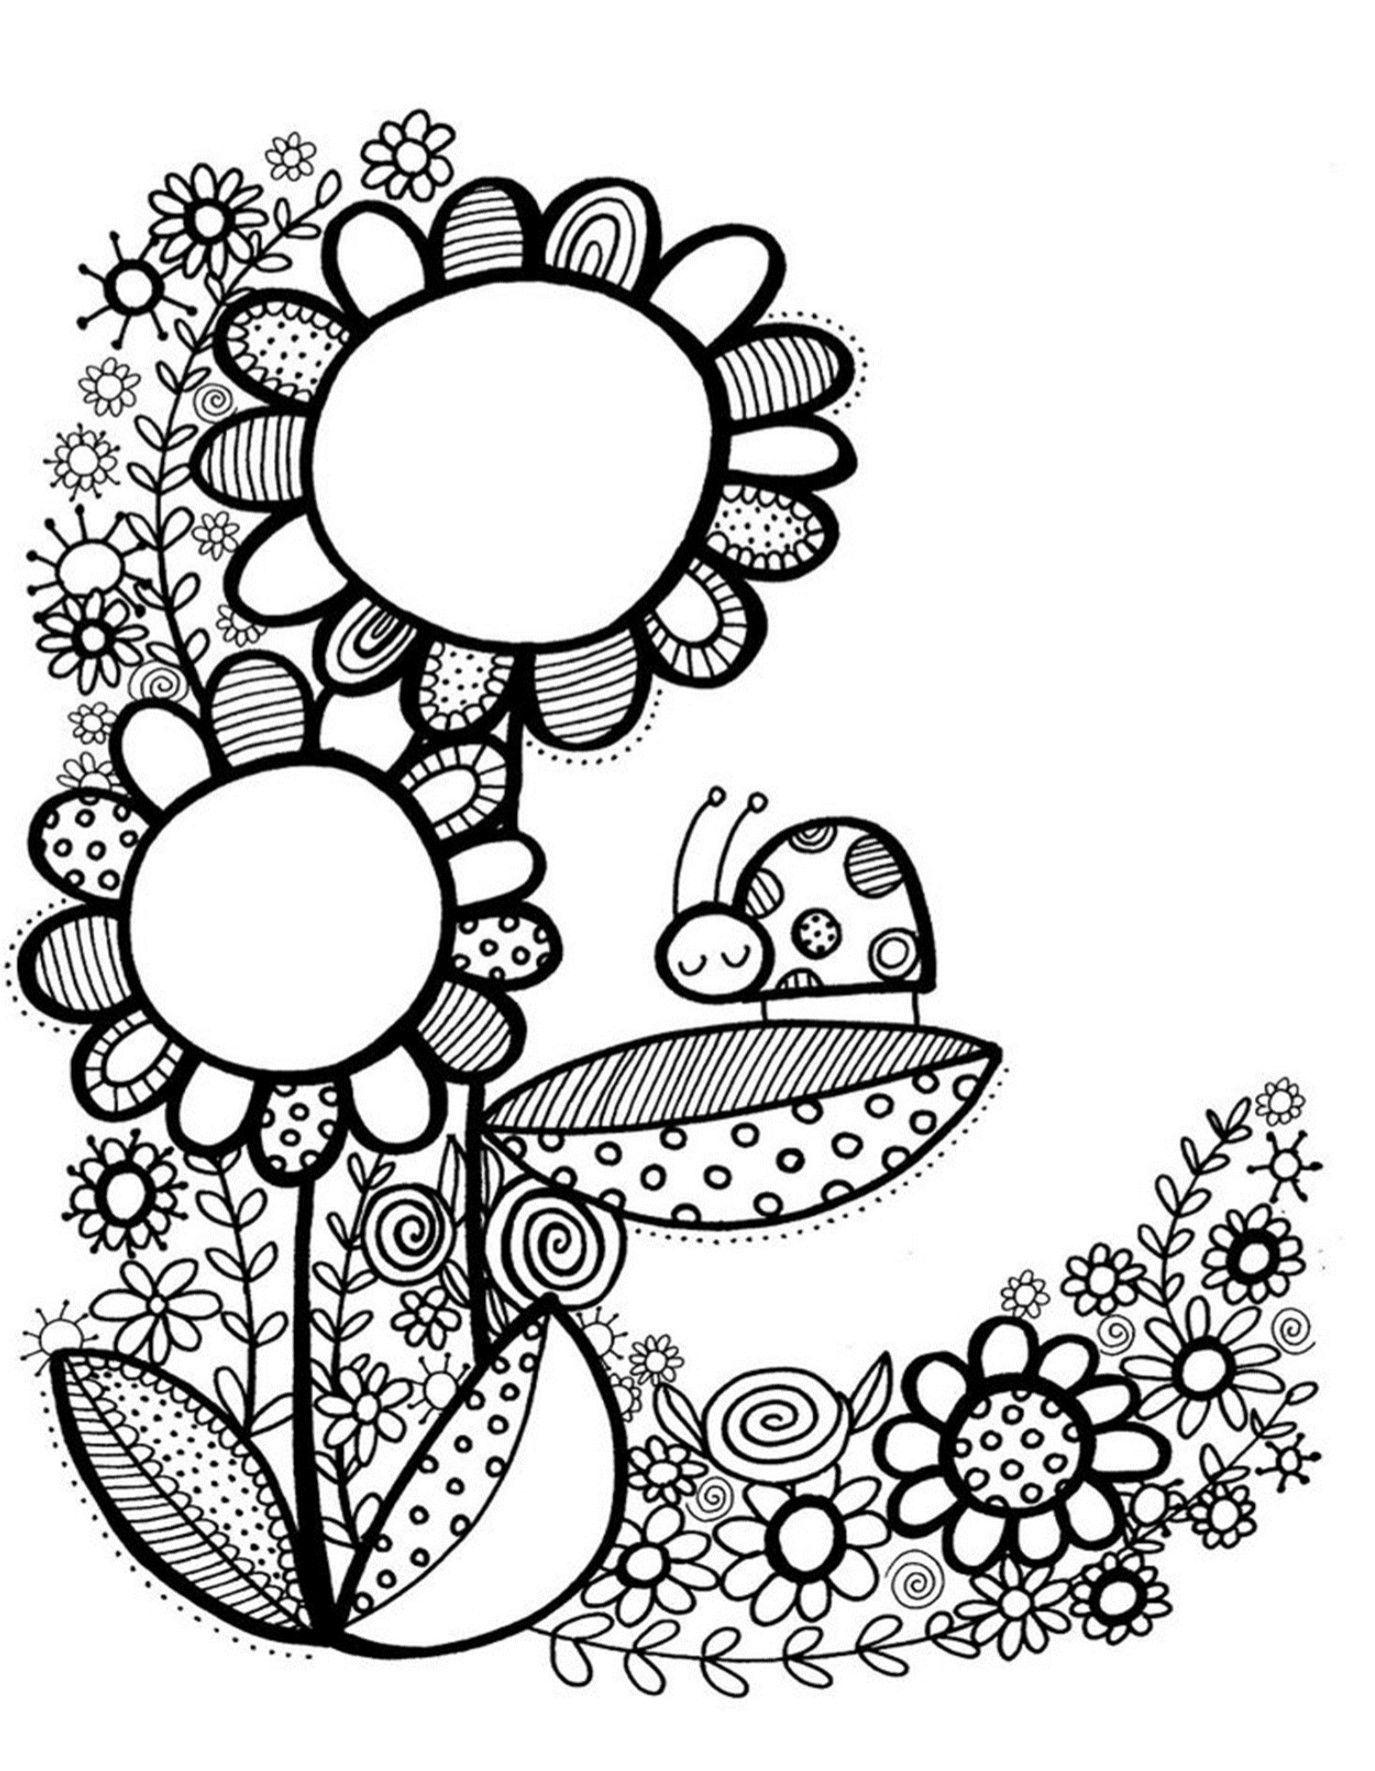 Pin de Alejandra Rendón Escobar en dibujos | Pinterest | Mandalas ...